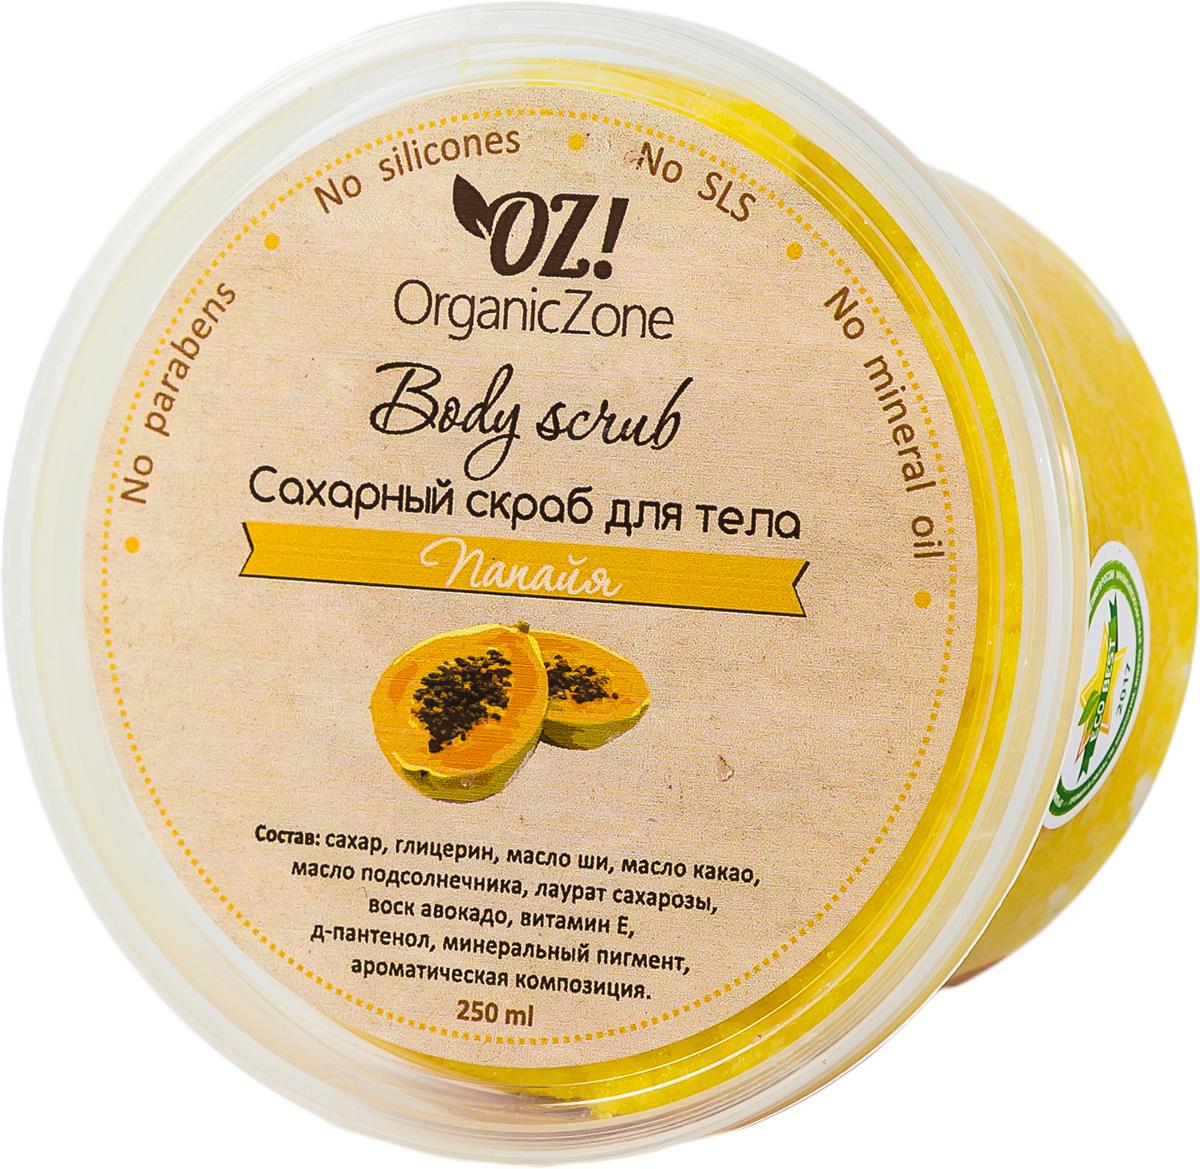 OrganicZone Сахарный скраб для тела Папайя, 250 мл4626018133828Скраб Папайя прекрасно тонизирует и улучшает обмен веществ, выводит из организма токсины, очищает кожу от ороговевших клеток, открывает поры и улучшает циркуляцию крови. Масло ши обладает защитными, регенерирующими и смягчающими свойствами, стимулирует синтез коллагена.